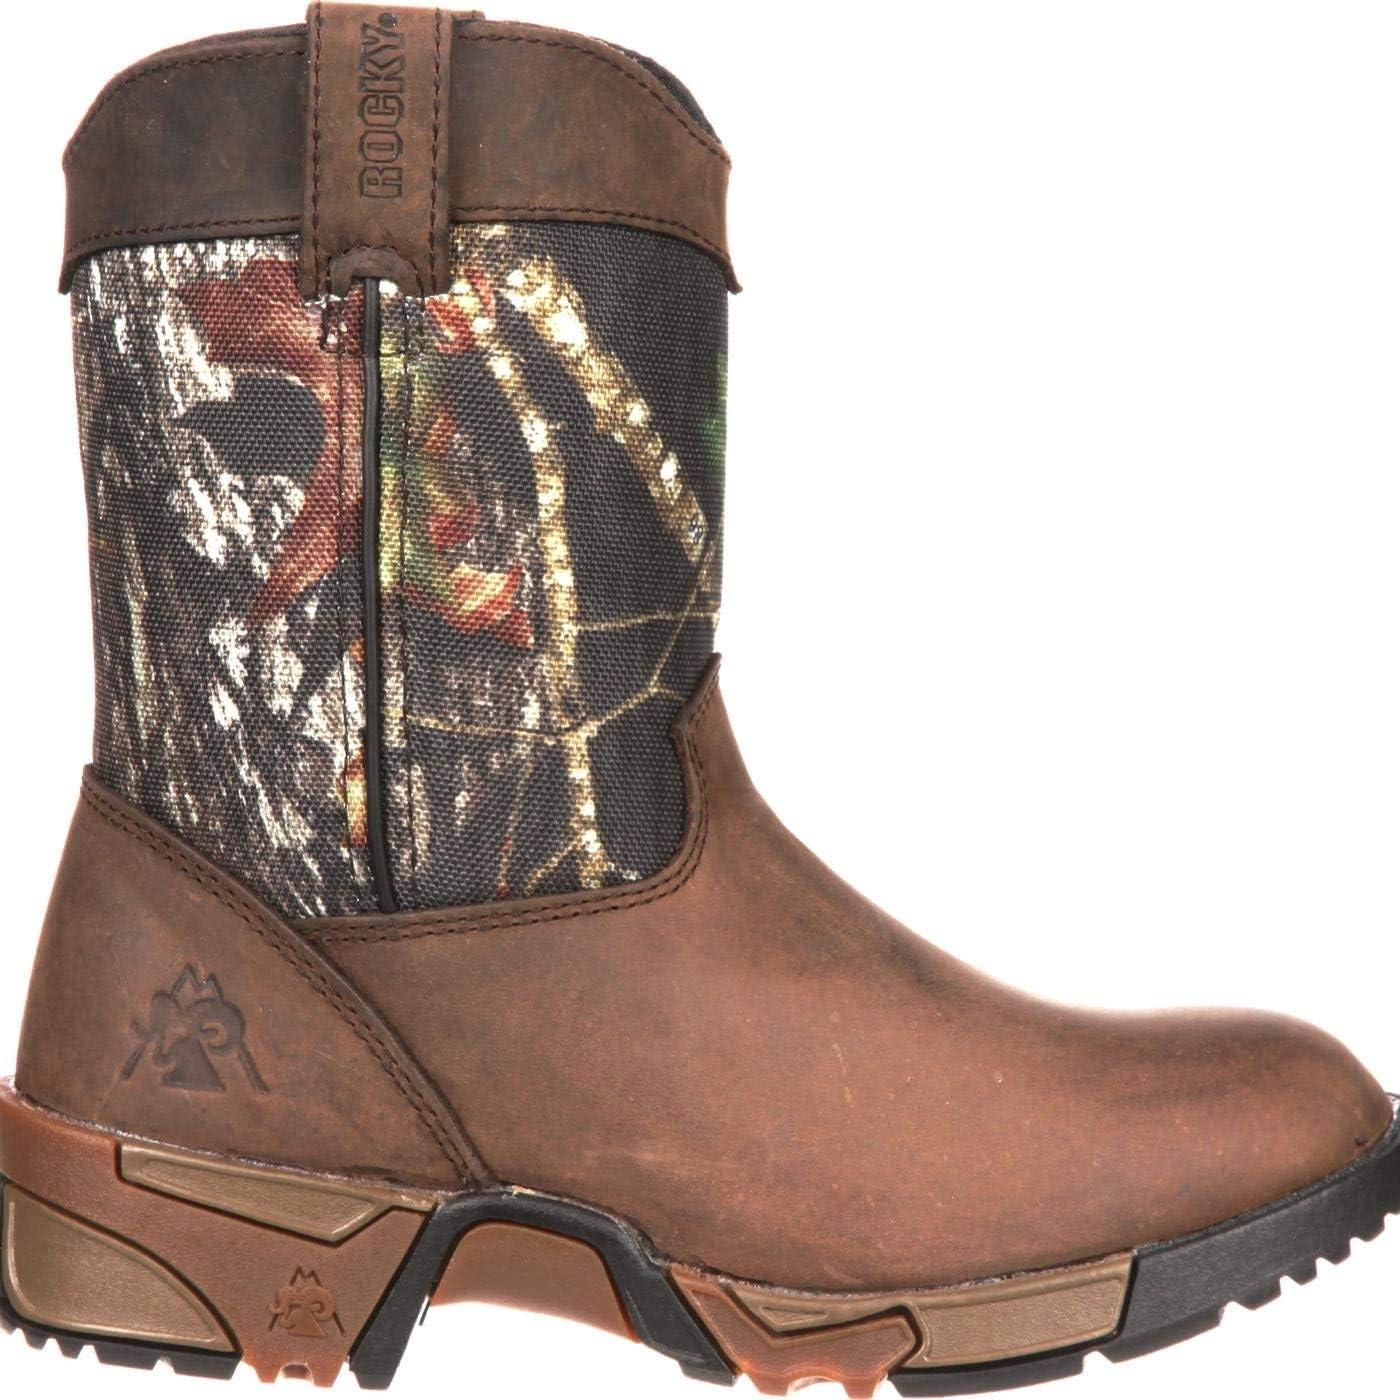 Rocky Kids/' Aztec Wellington Boot  Mossy Oak Break-Up Five layer Aztec outsole